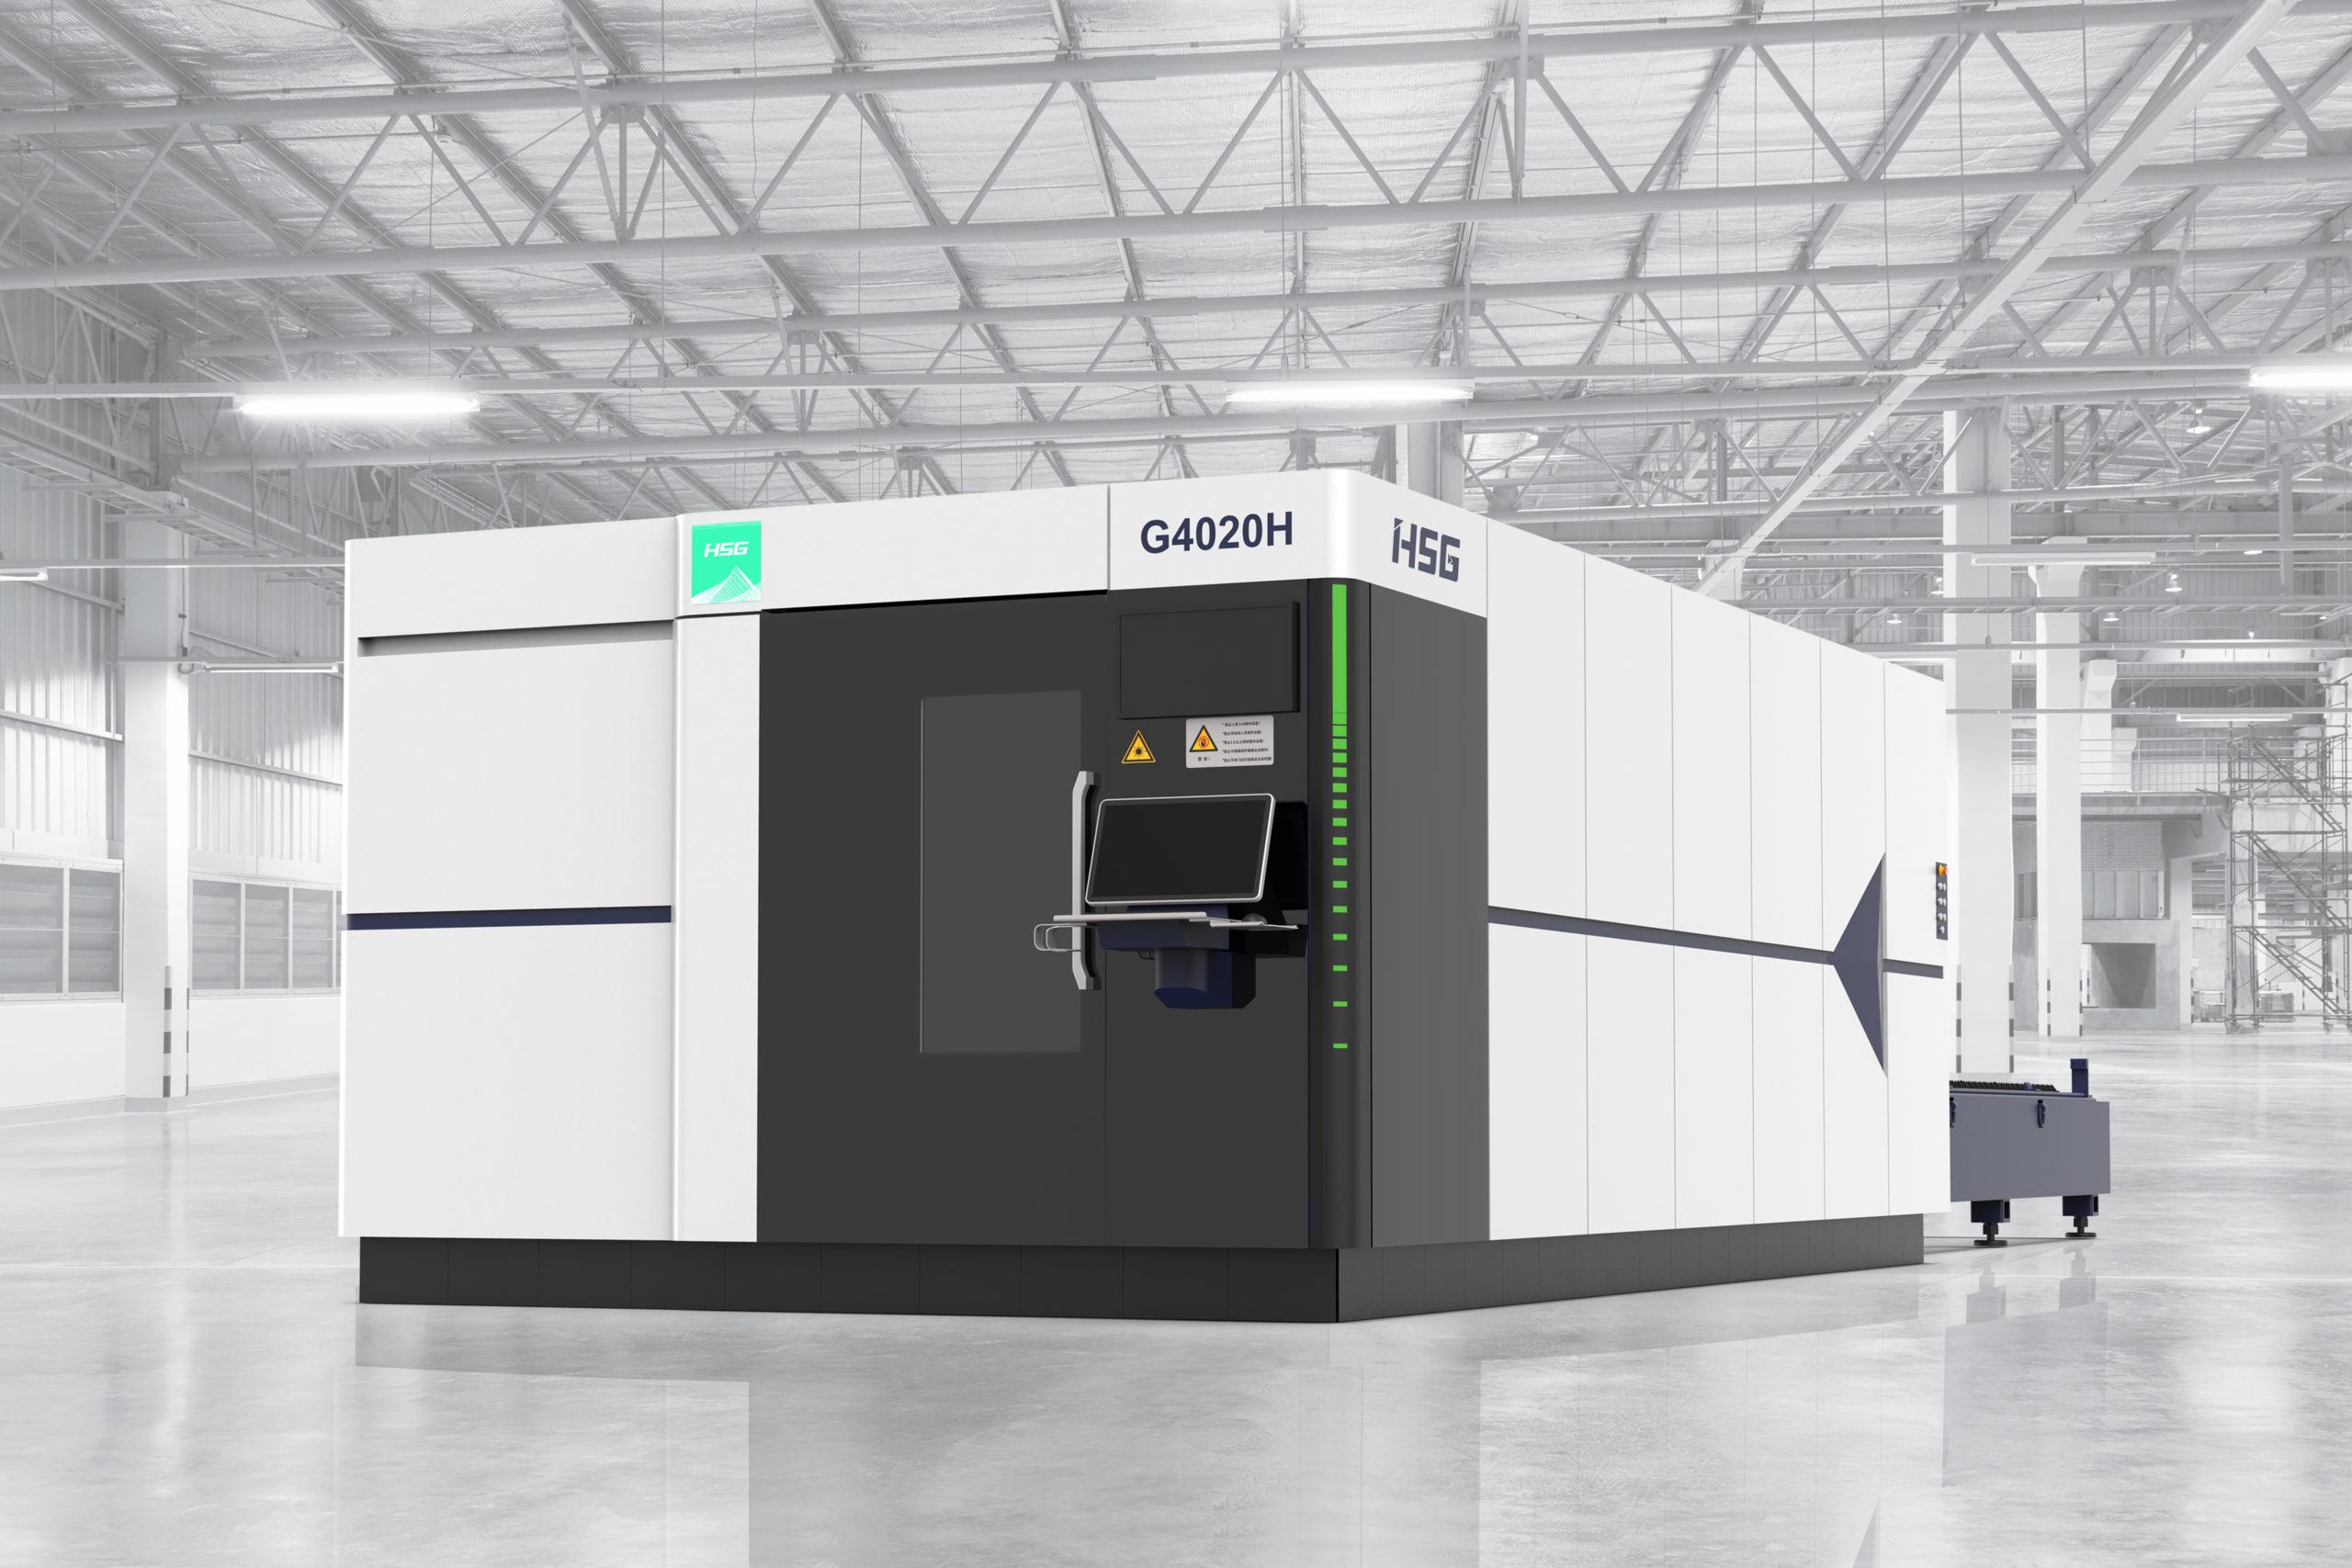 HSG G4020H Laser